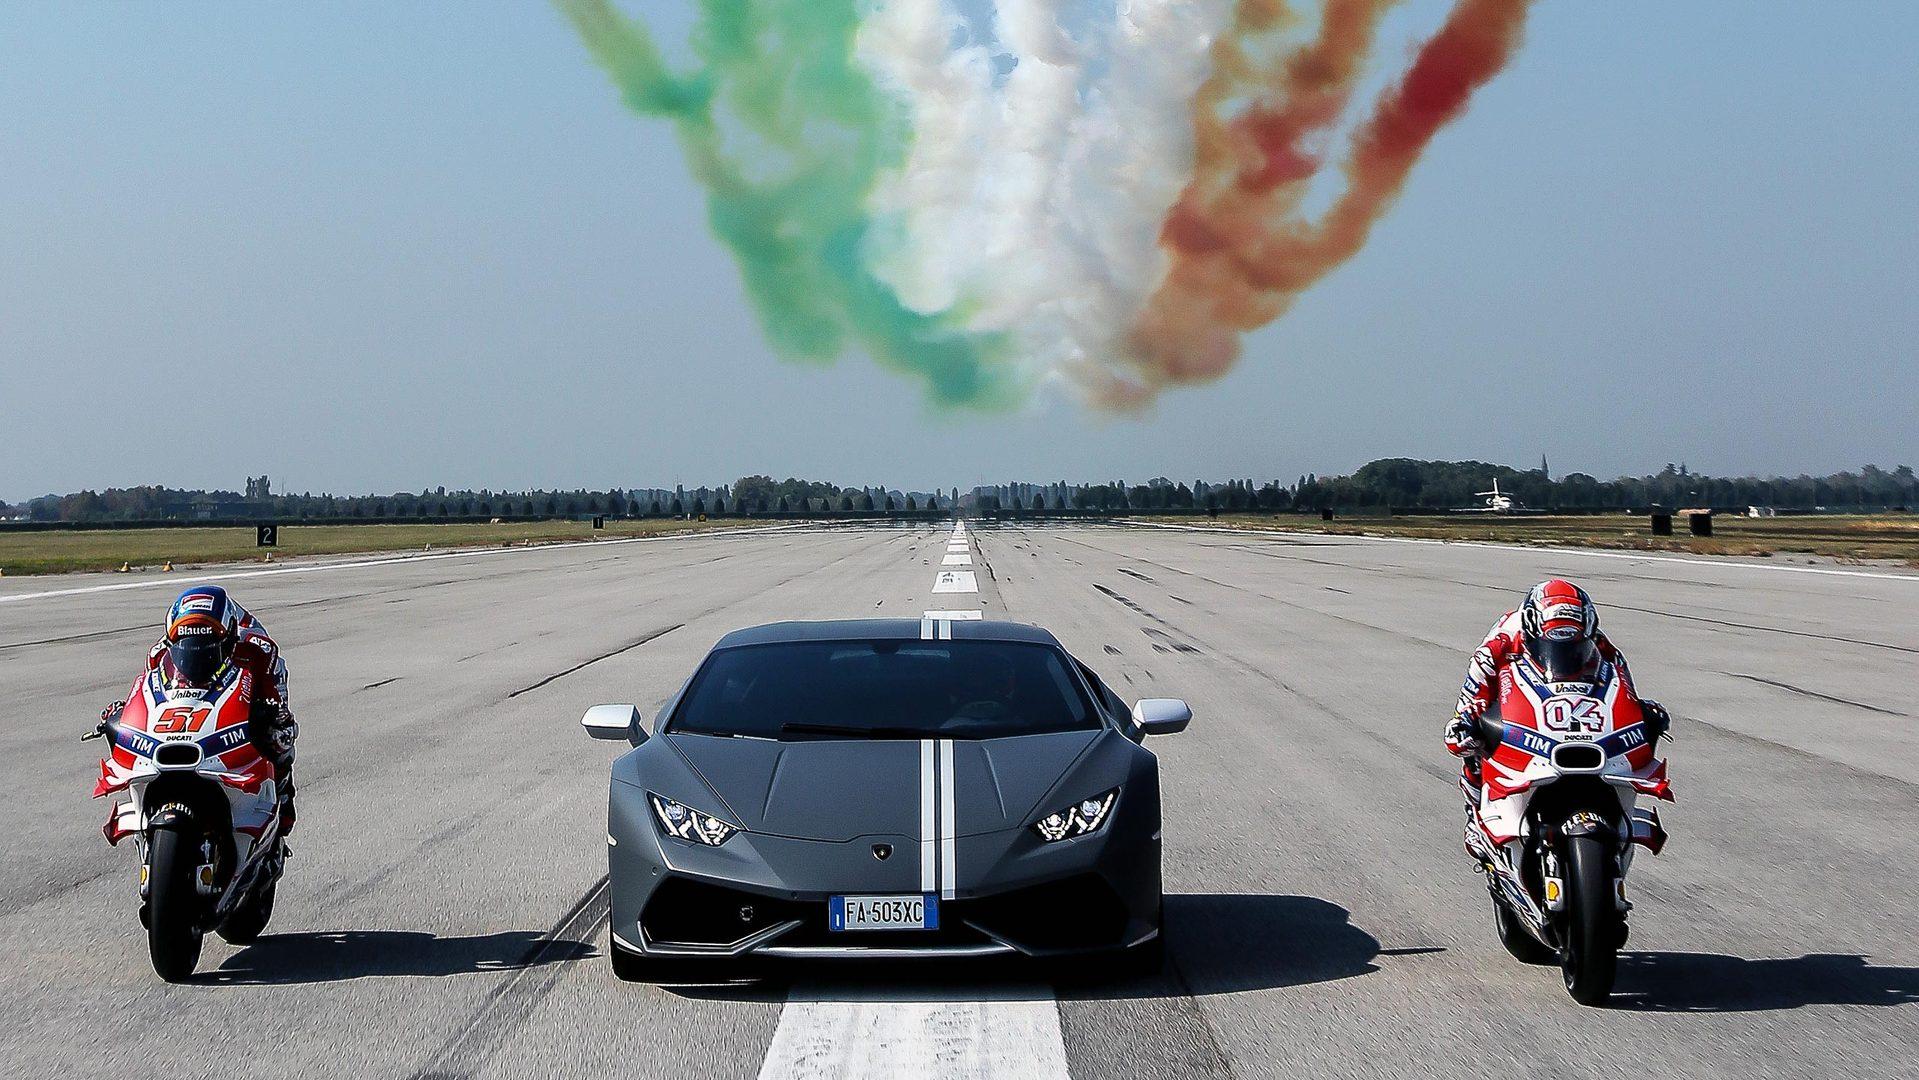 Lamborghini Celebrates Passioni Tricolori With Ducati And